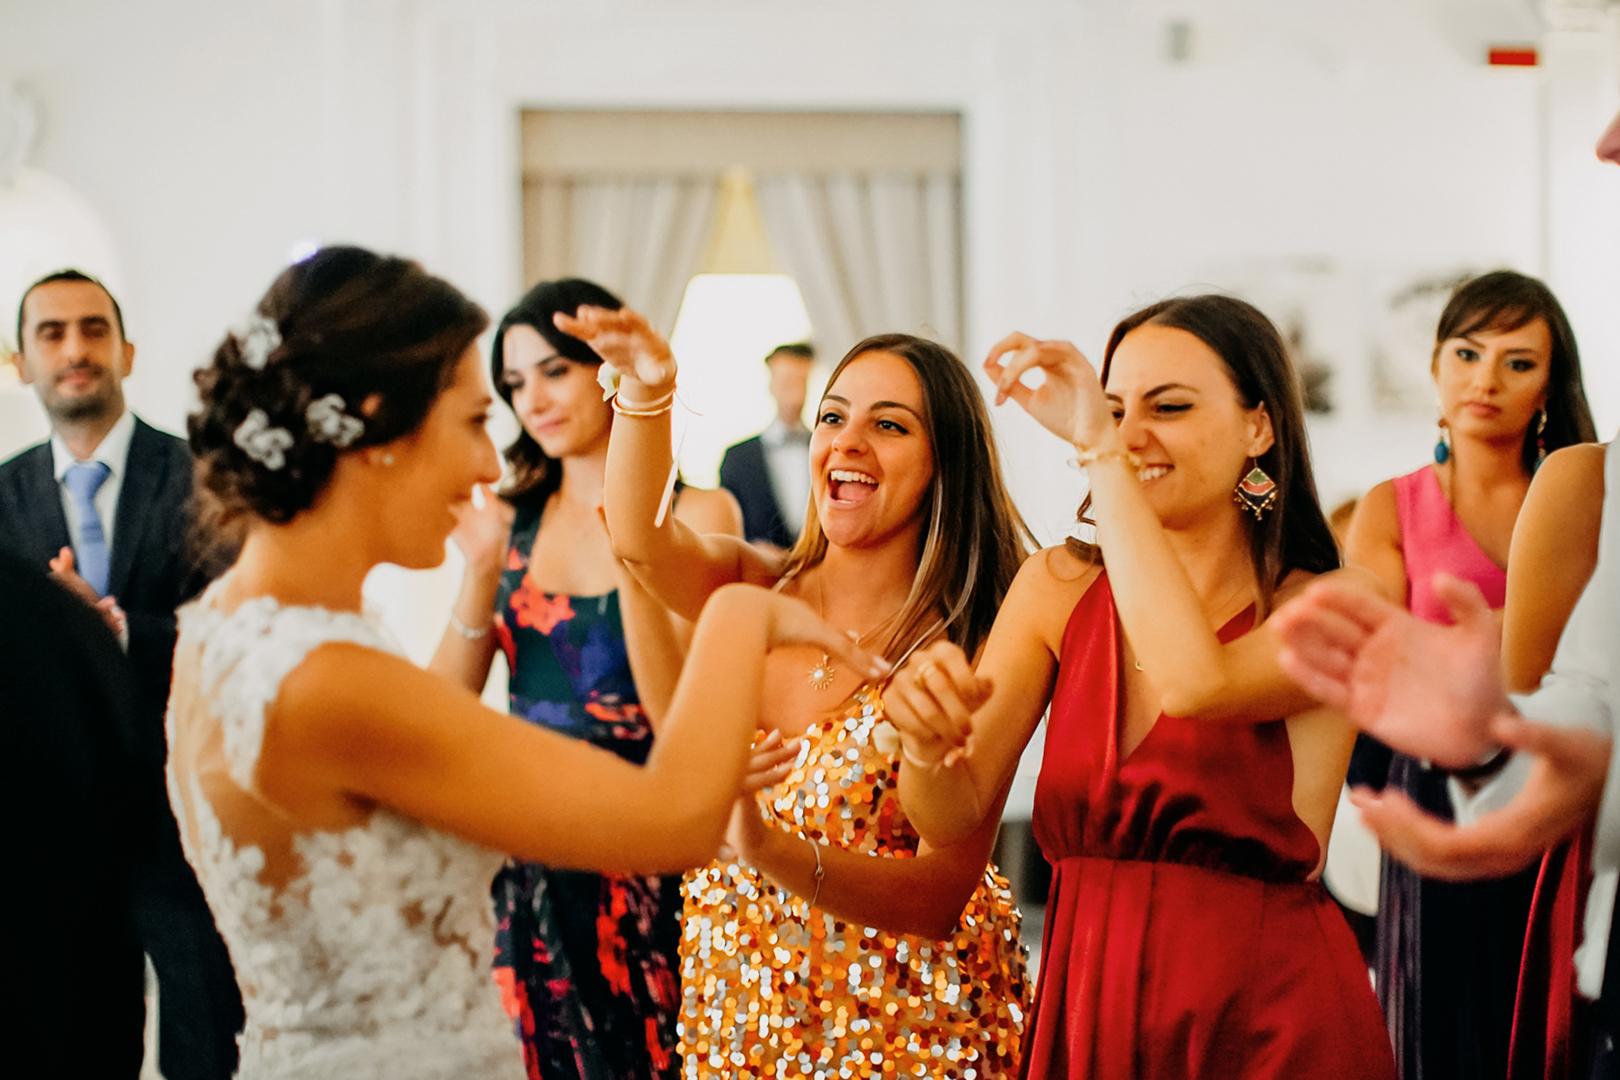 54 .gianni-lepore-sposa-bride-balli-dance-amicijpg